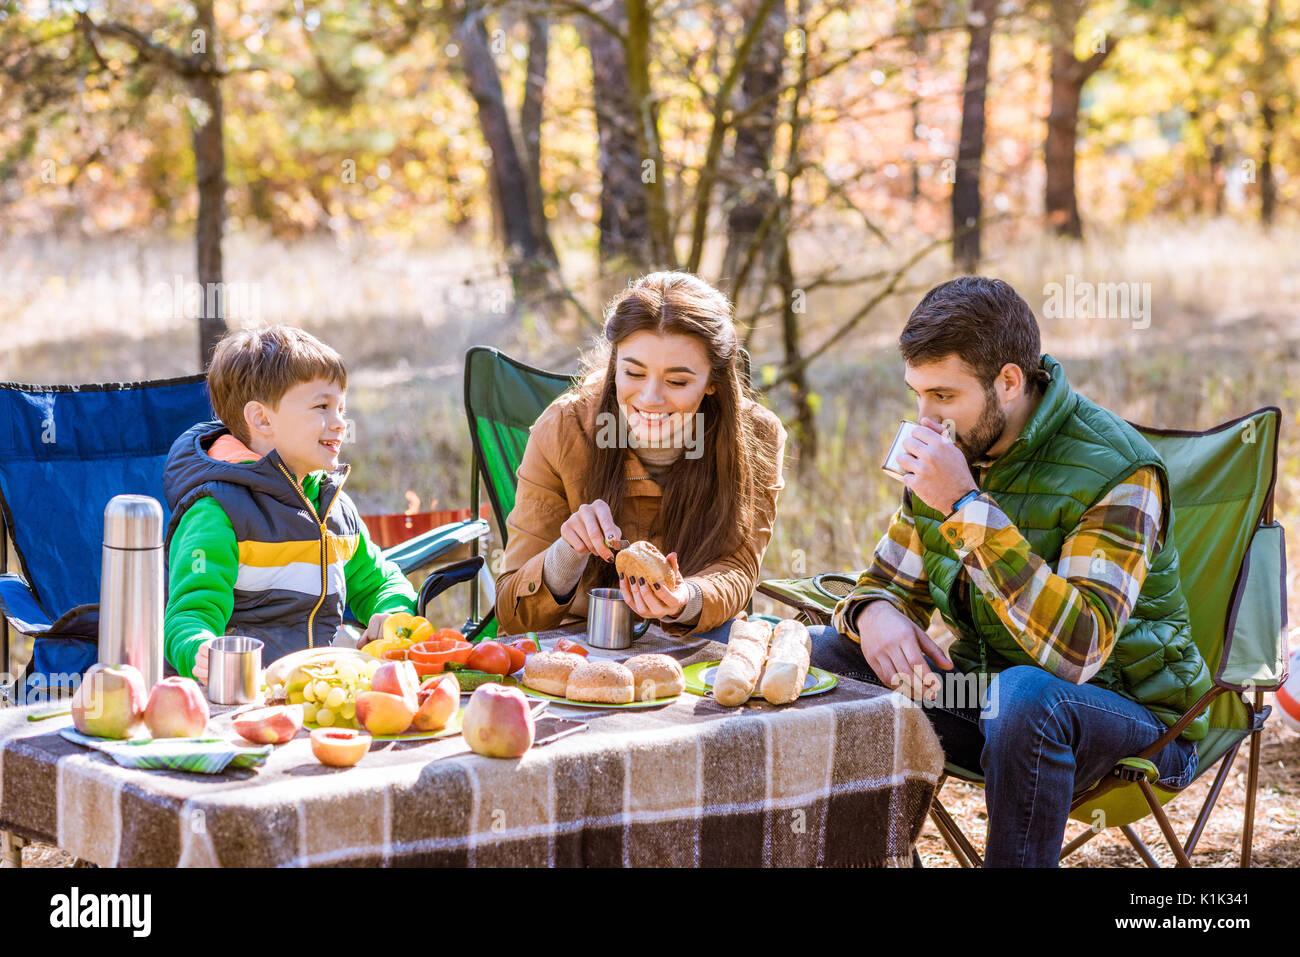 Sonriente, feliz familia comer y divertirse mientras está sentado en una mesa de picnic en el bosque de otoño Imagen De Stock